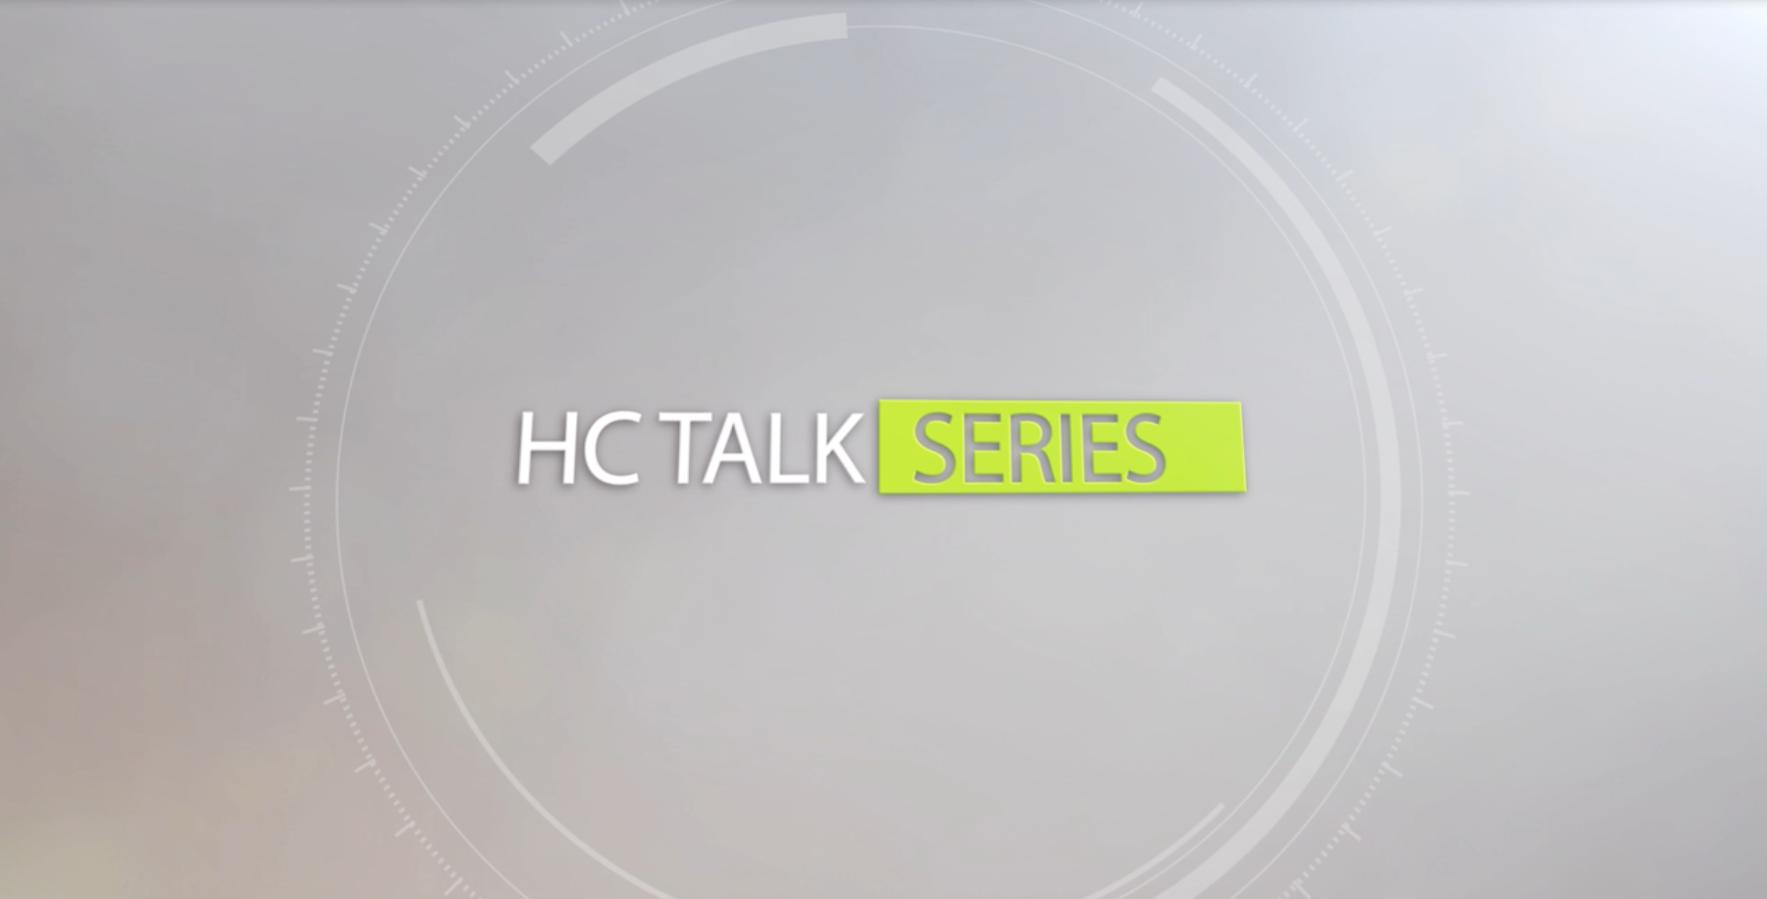 HC TALK SERIES